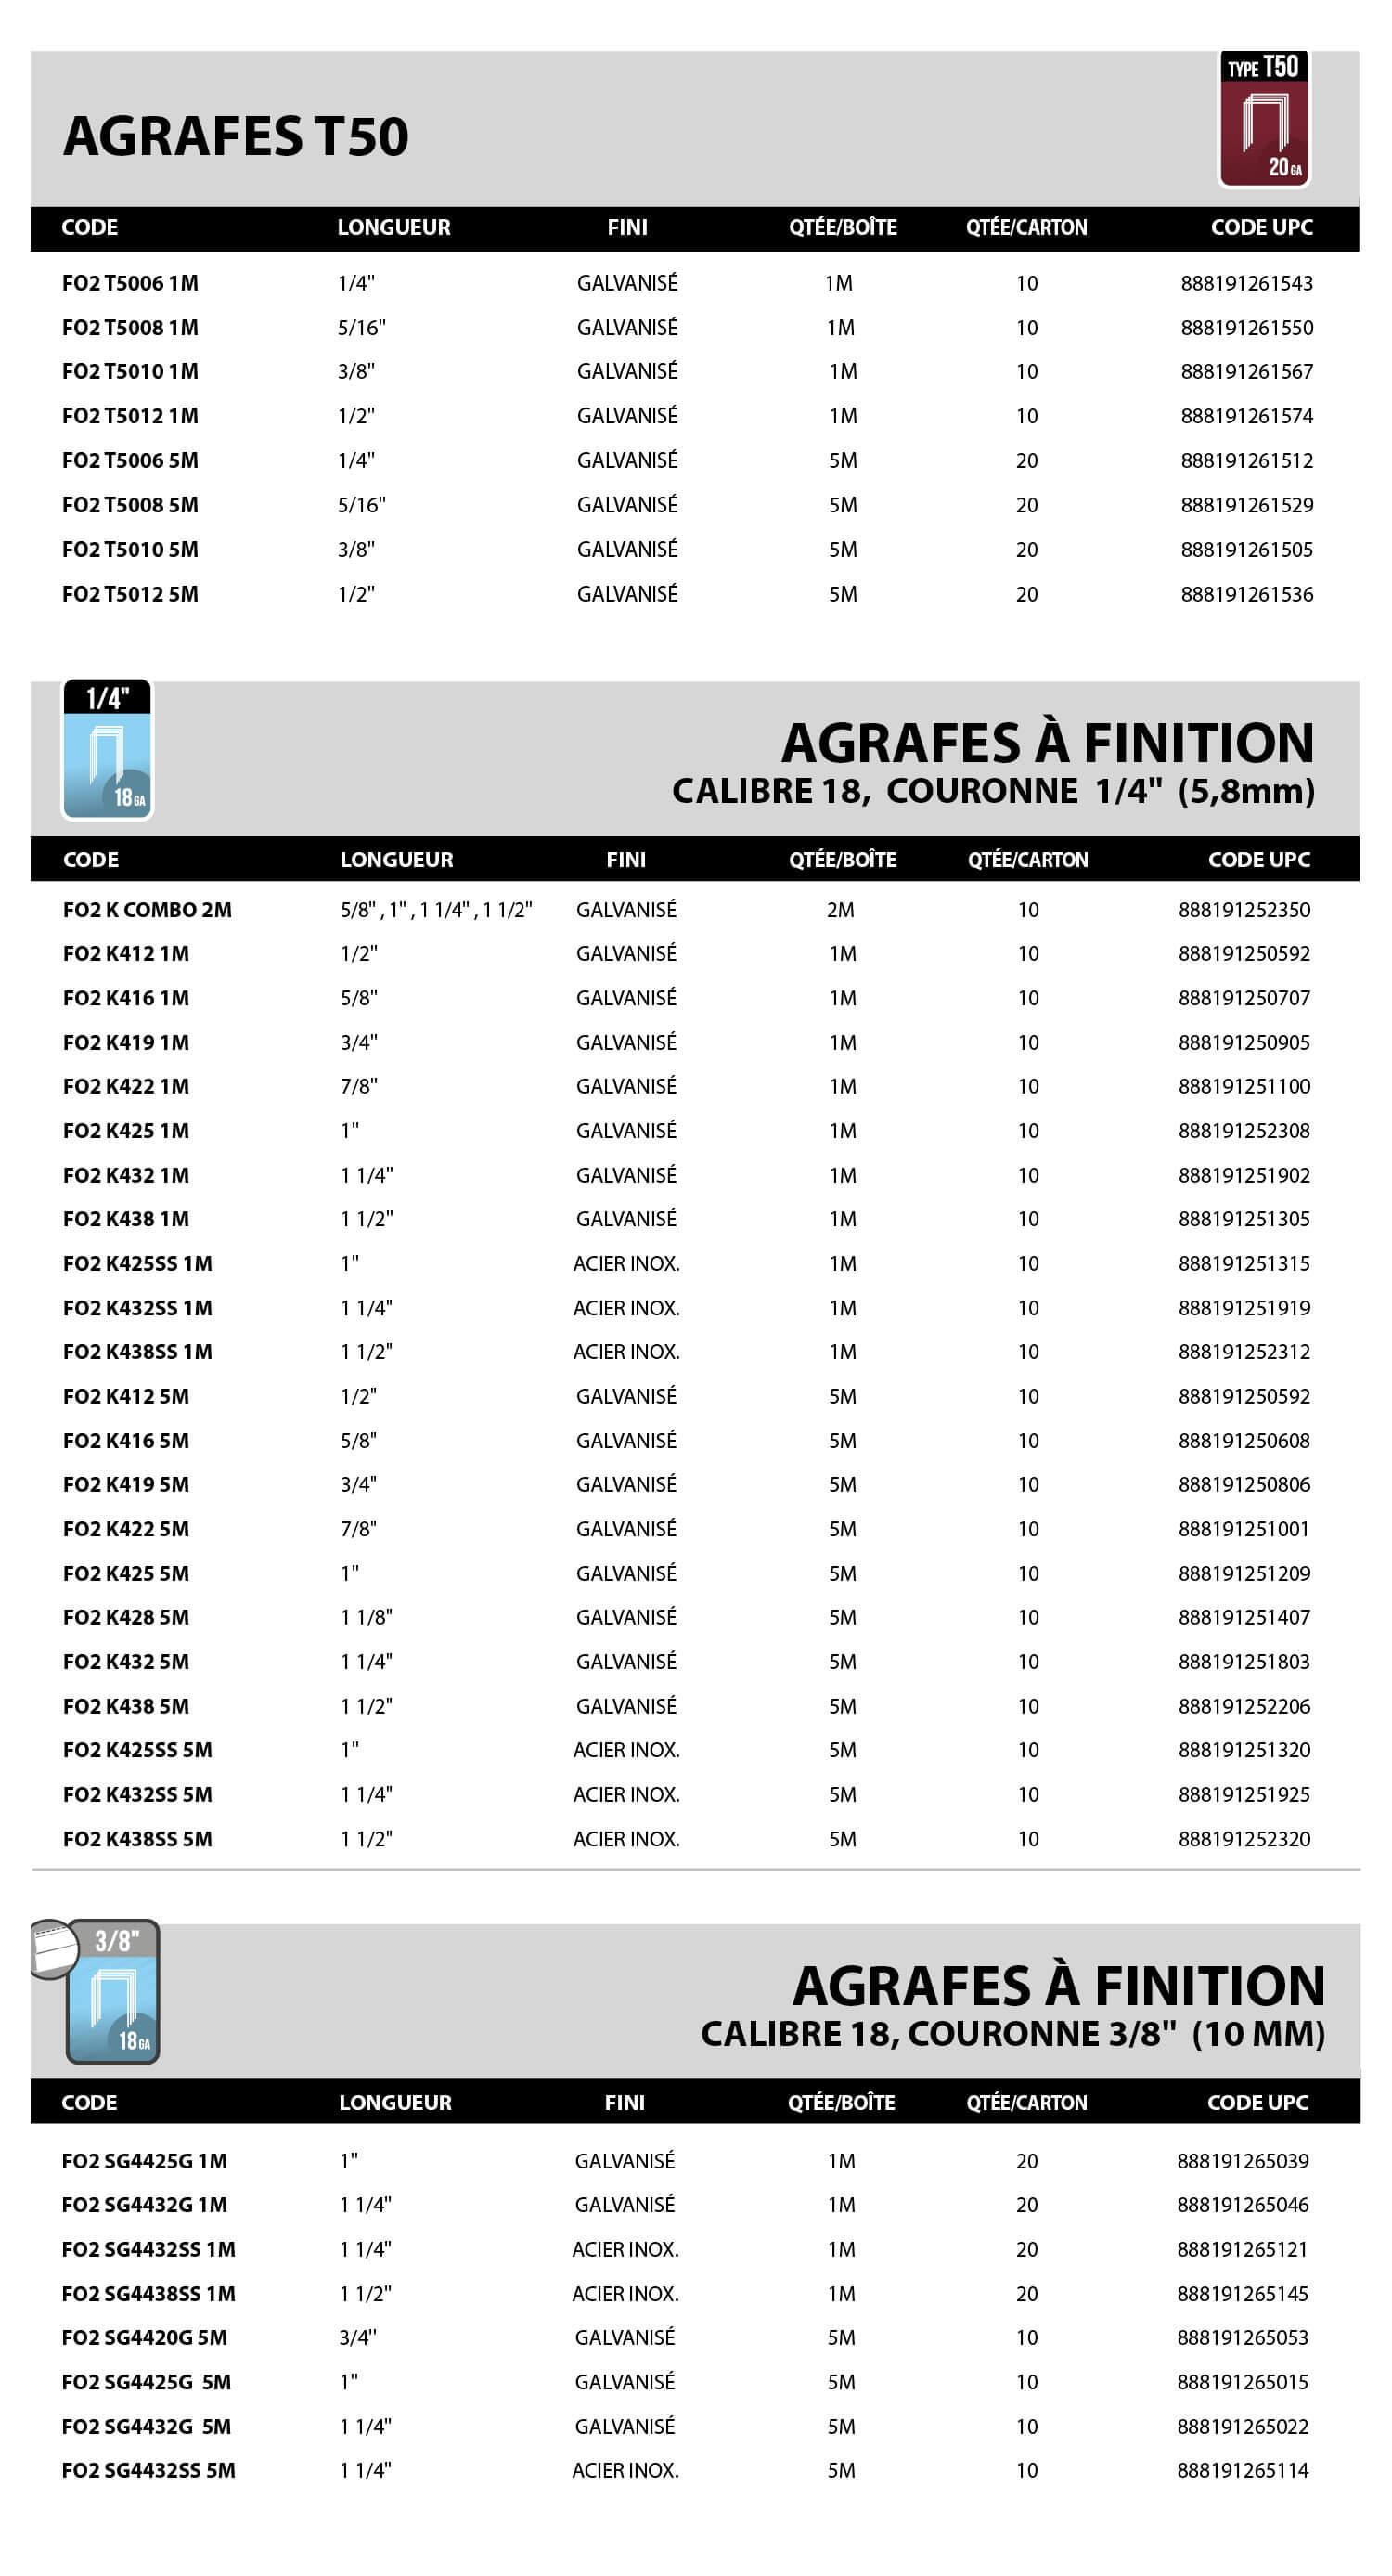 101-agrafes-tout-usage-foresto-2020